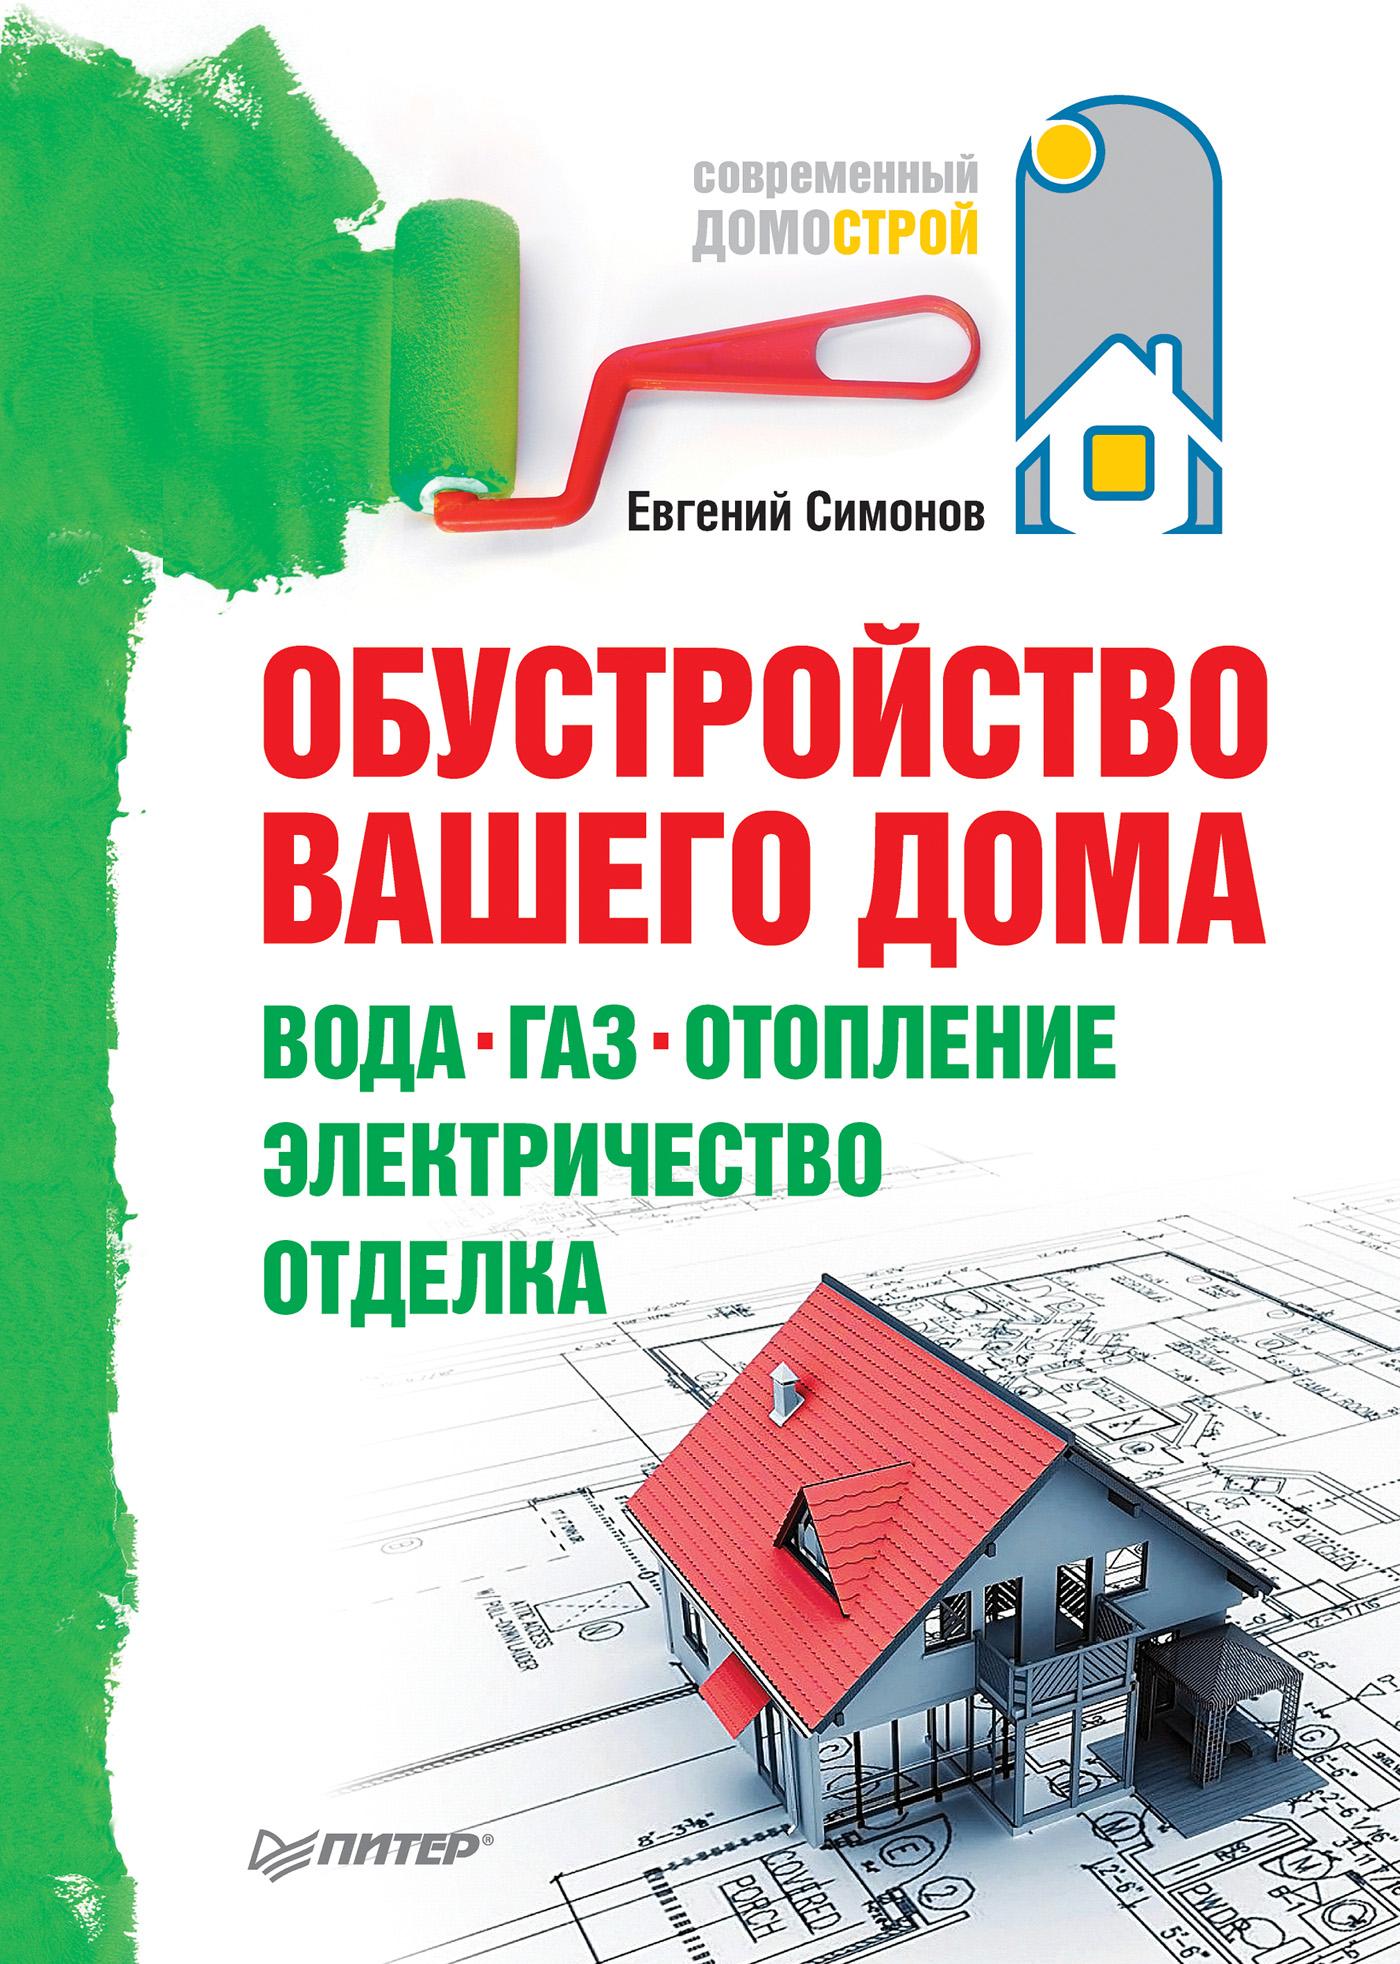 Е. В. Симонов Обустройство вашего дома: вода, газ, отопление, электричество, отделка